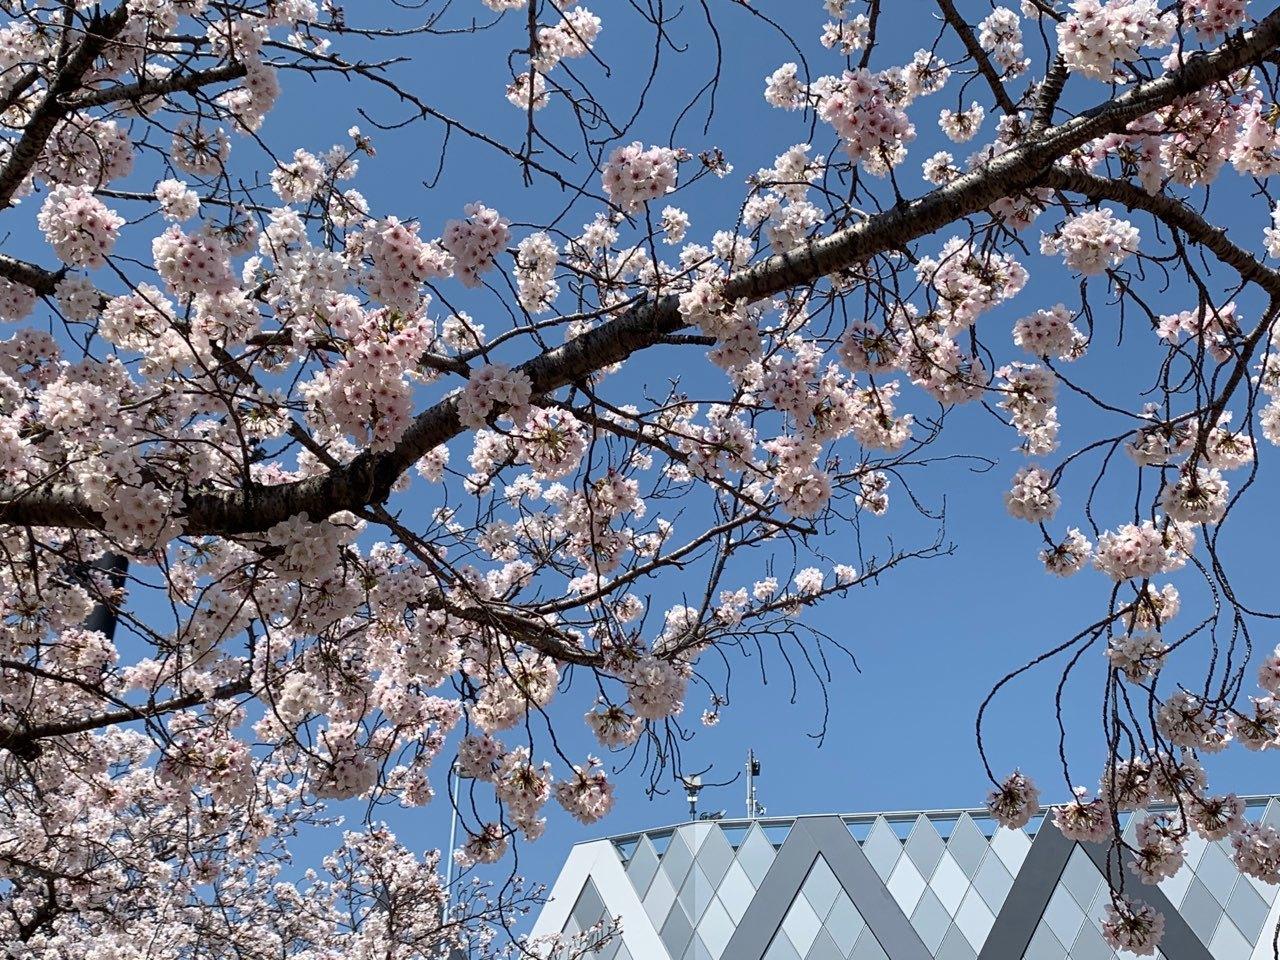 ラグビー場桜